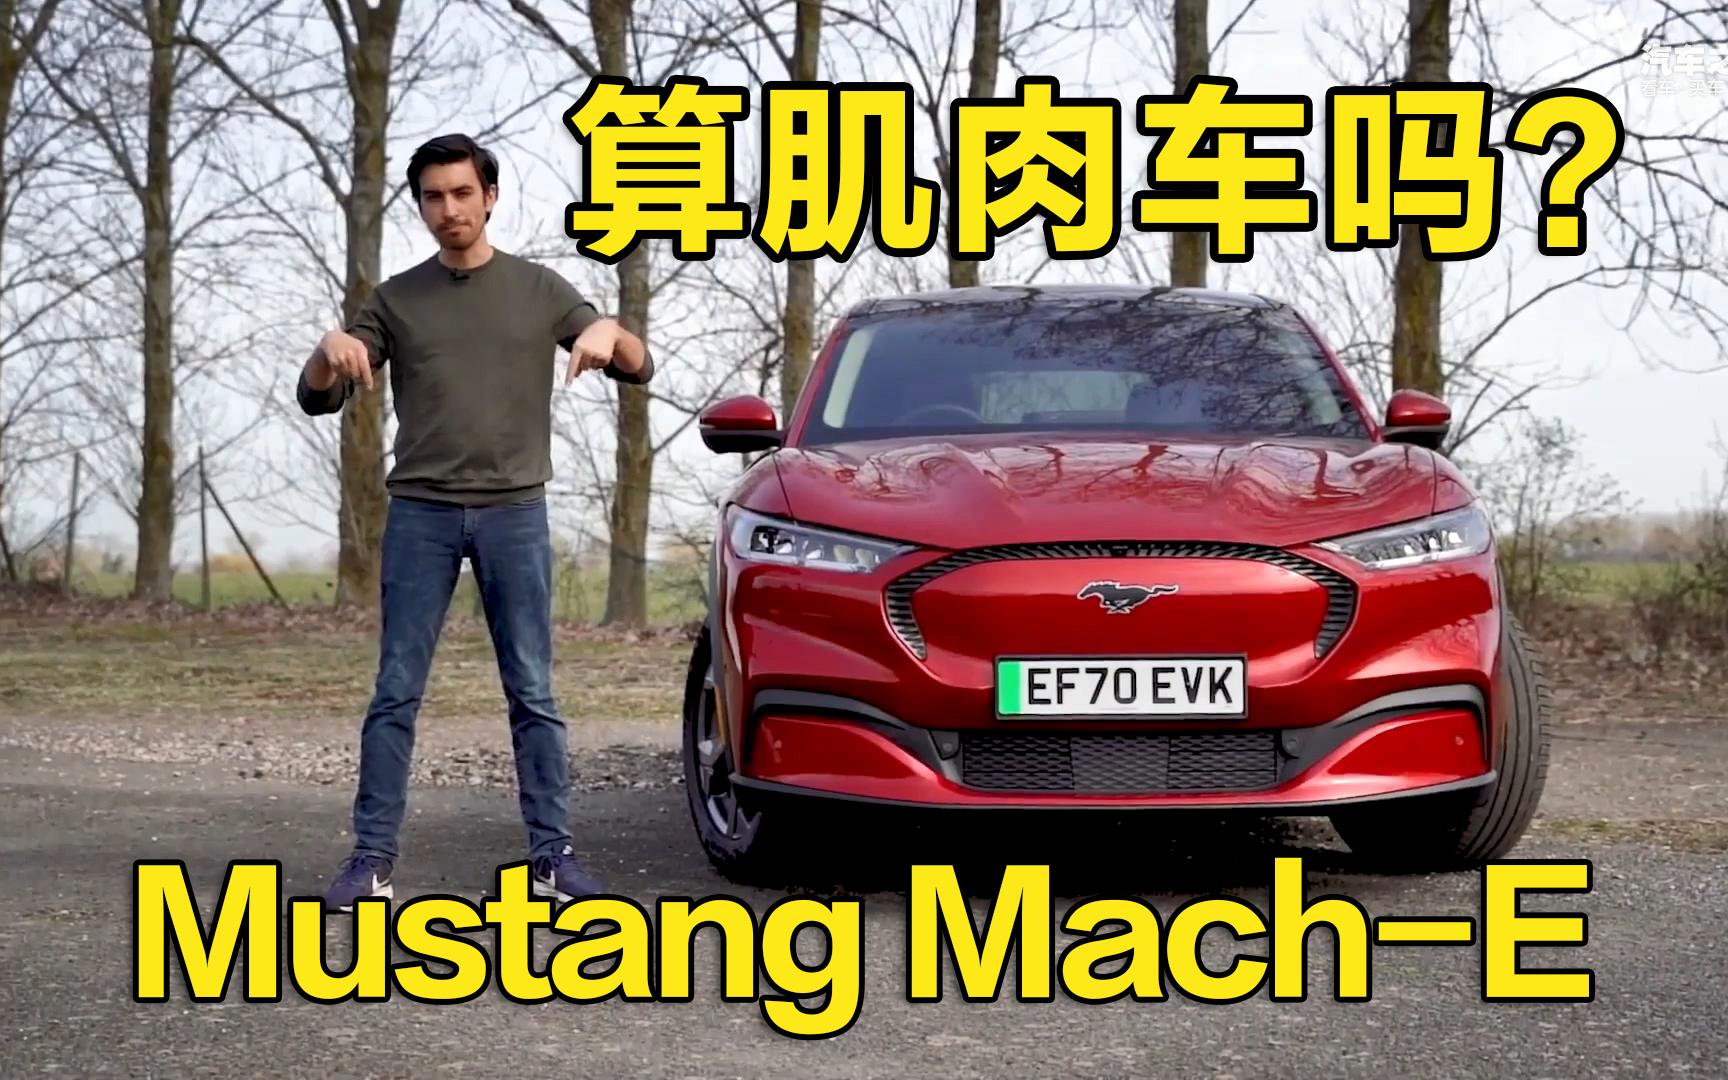 算肌肉车吗? 海外试Mustang Mach-E